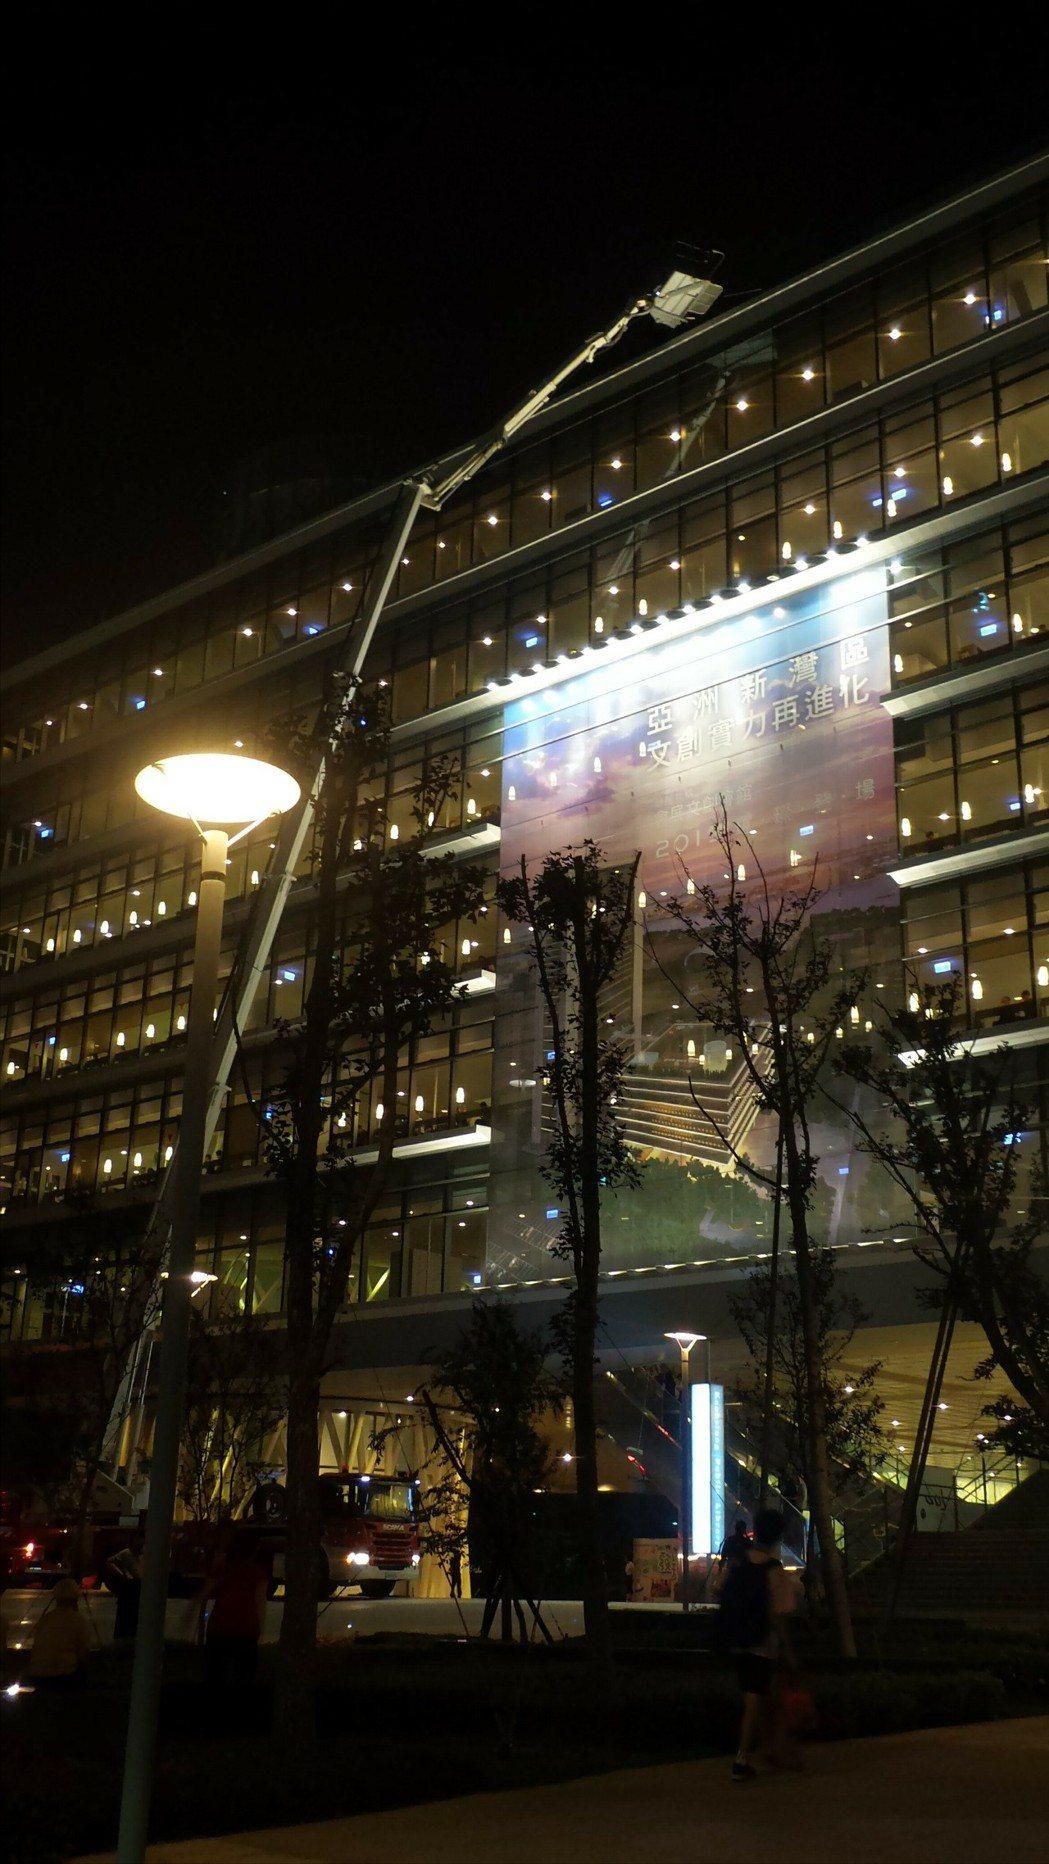 高雄市立圖書館今天有女子要跳樓尋短,消防局出動雲梯車戒備。記者林保光/攝影